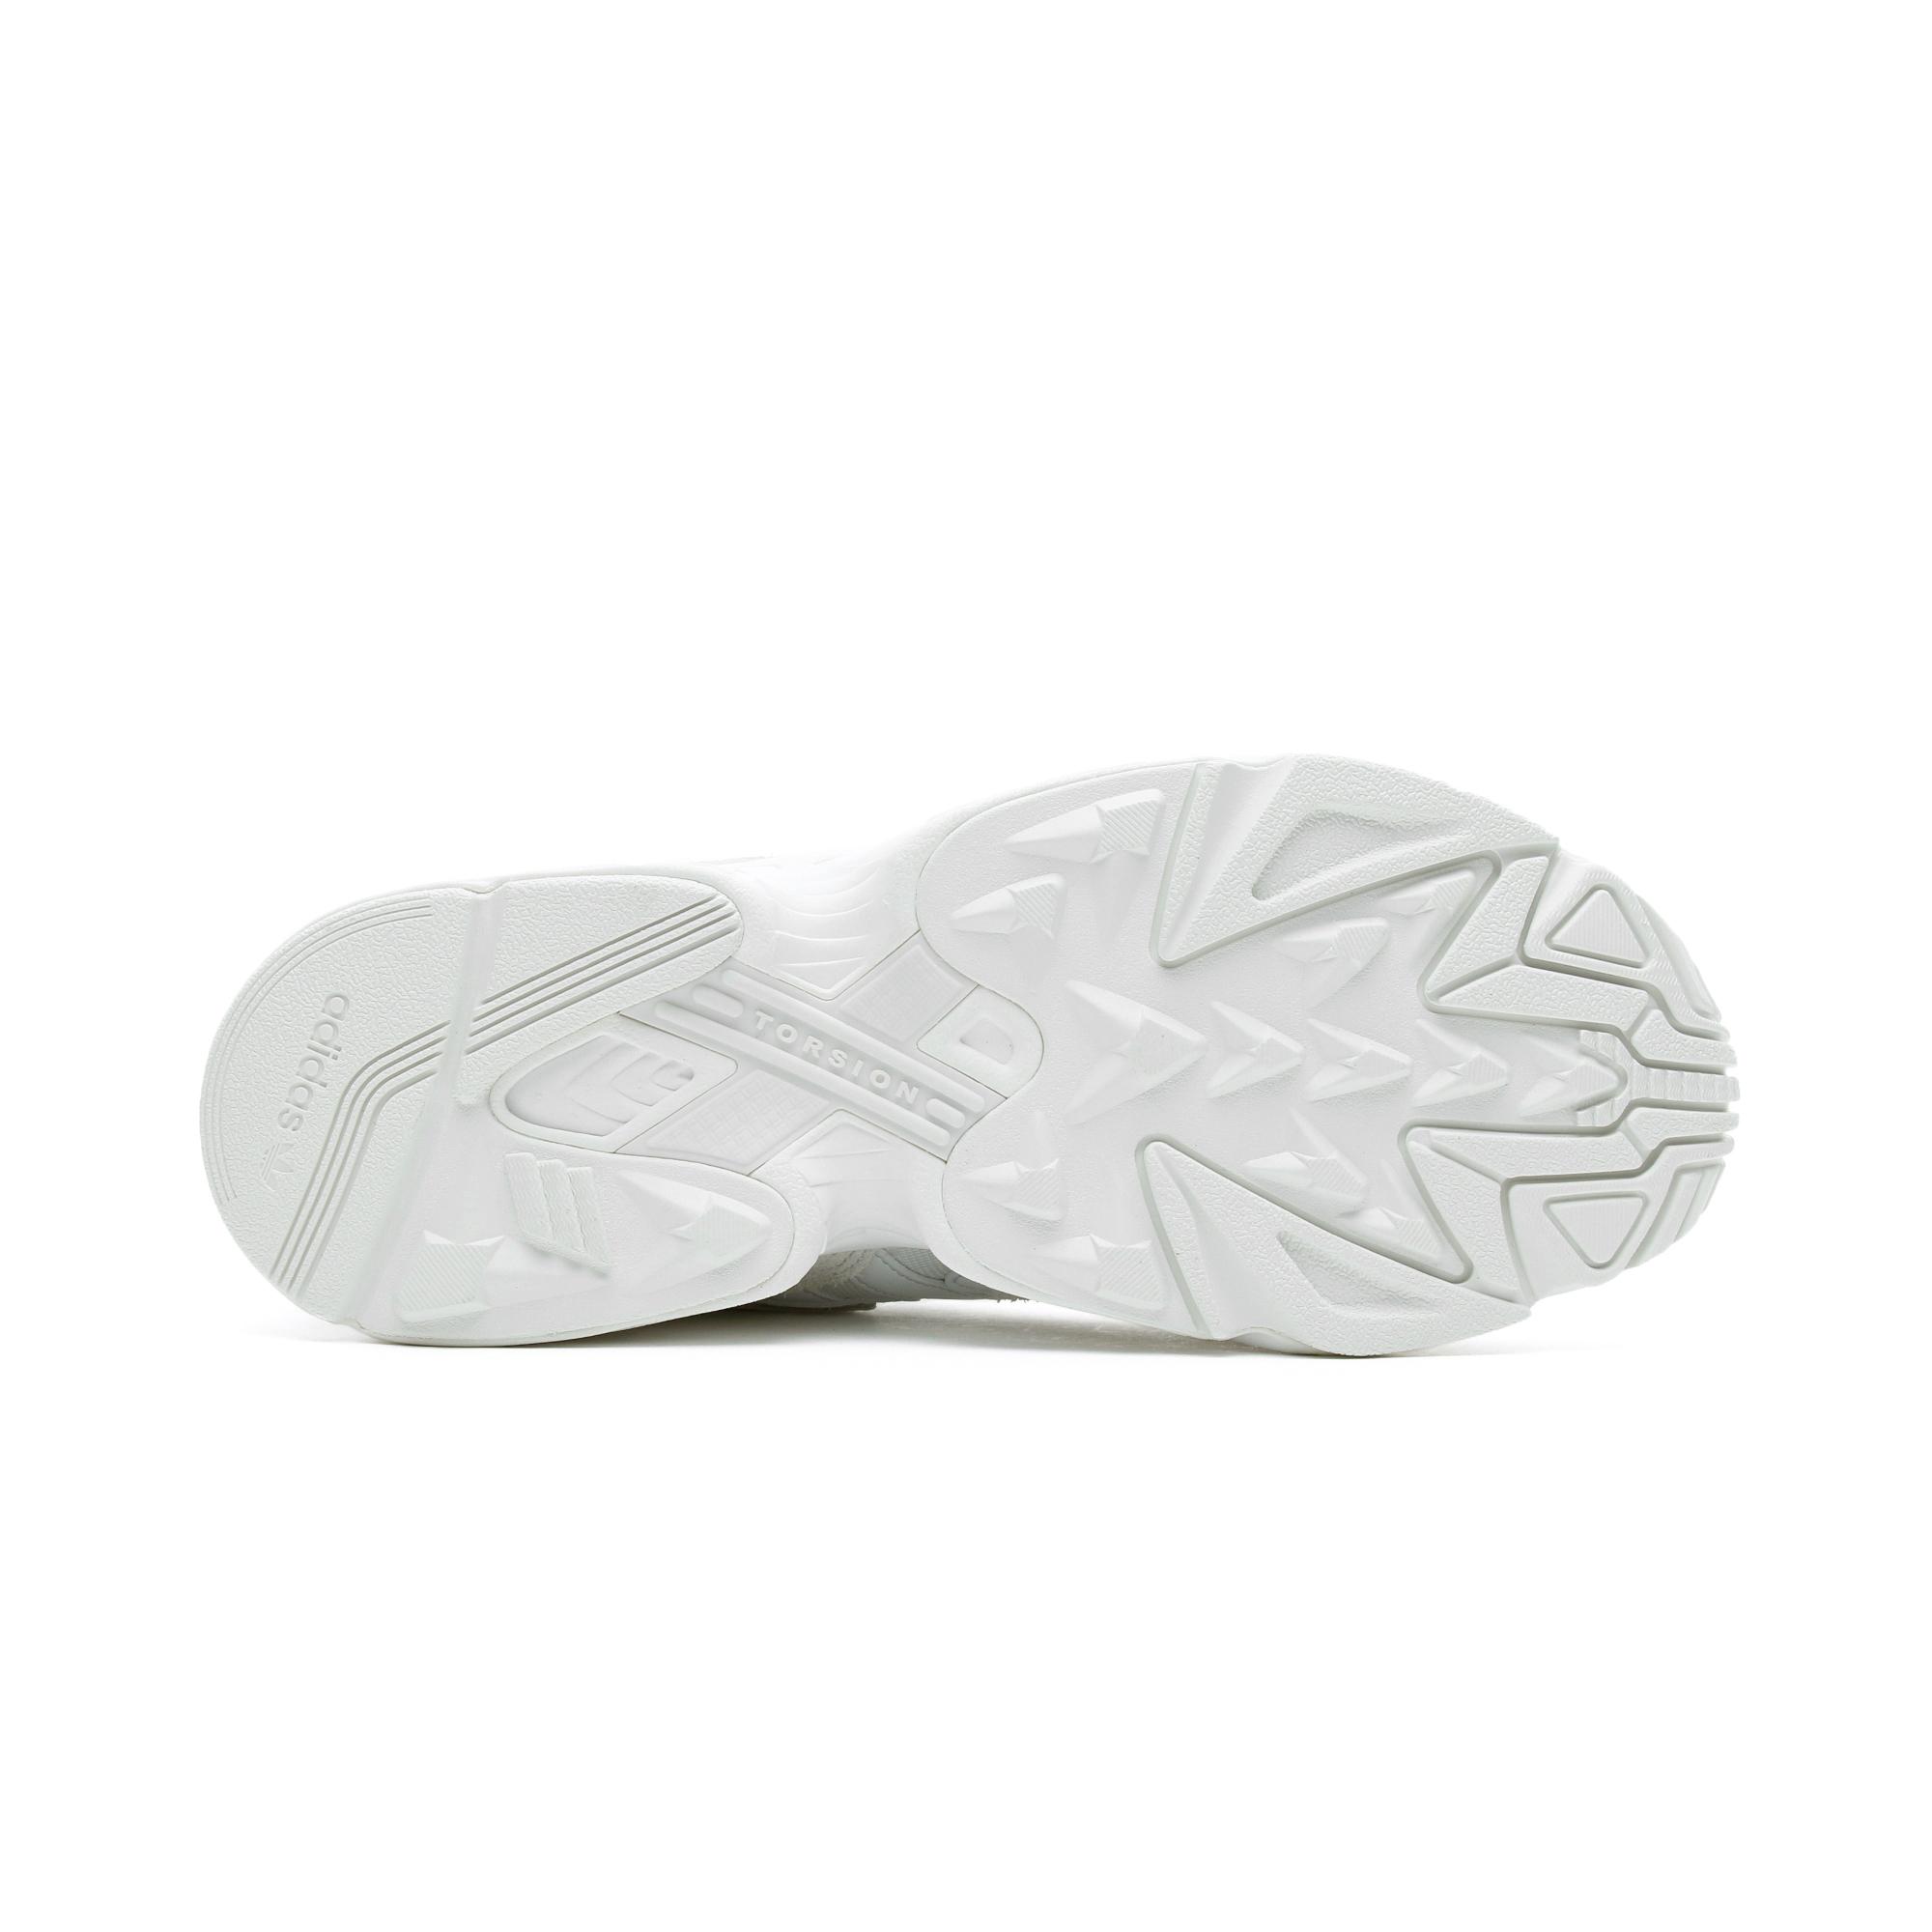 adidas Yung-96 Chasm Beyaz Erkek Spor Ayakkabı